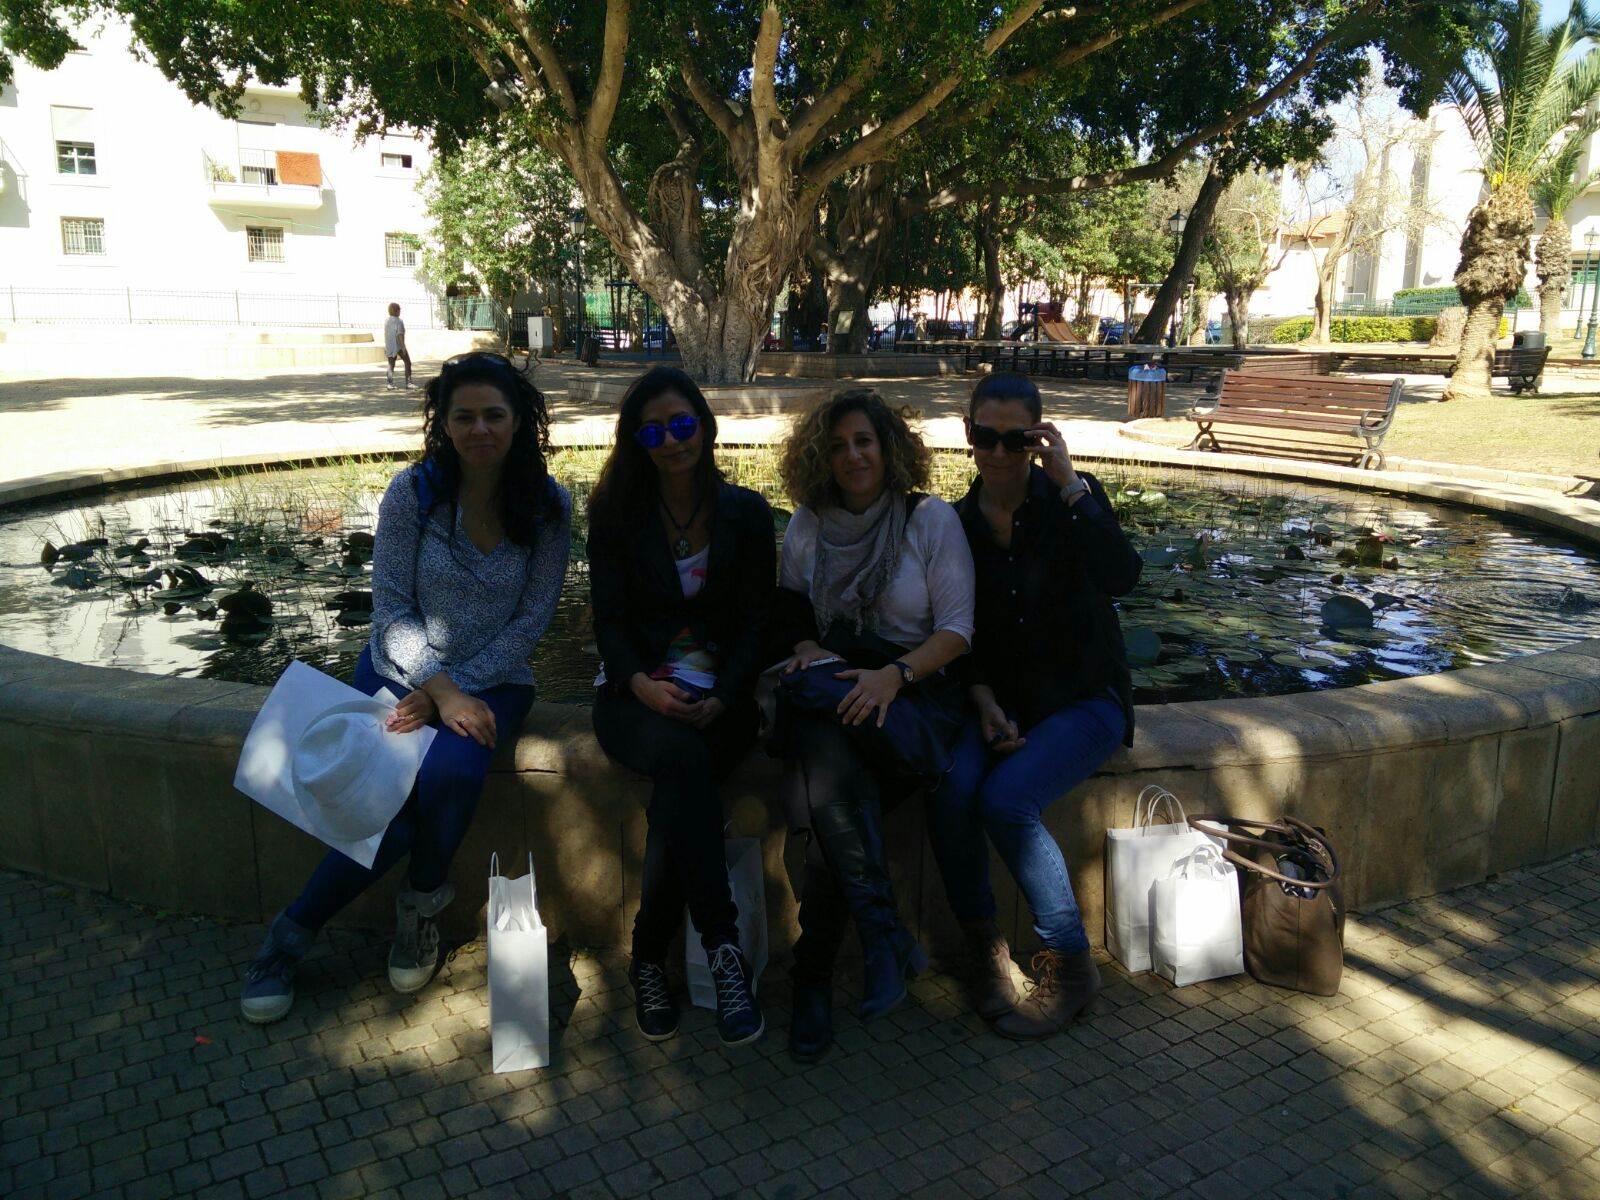 קבוצת נשים יושבת בצל